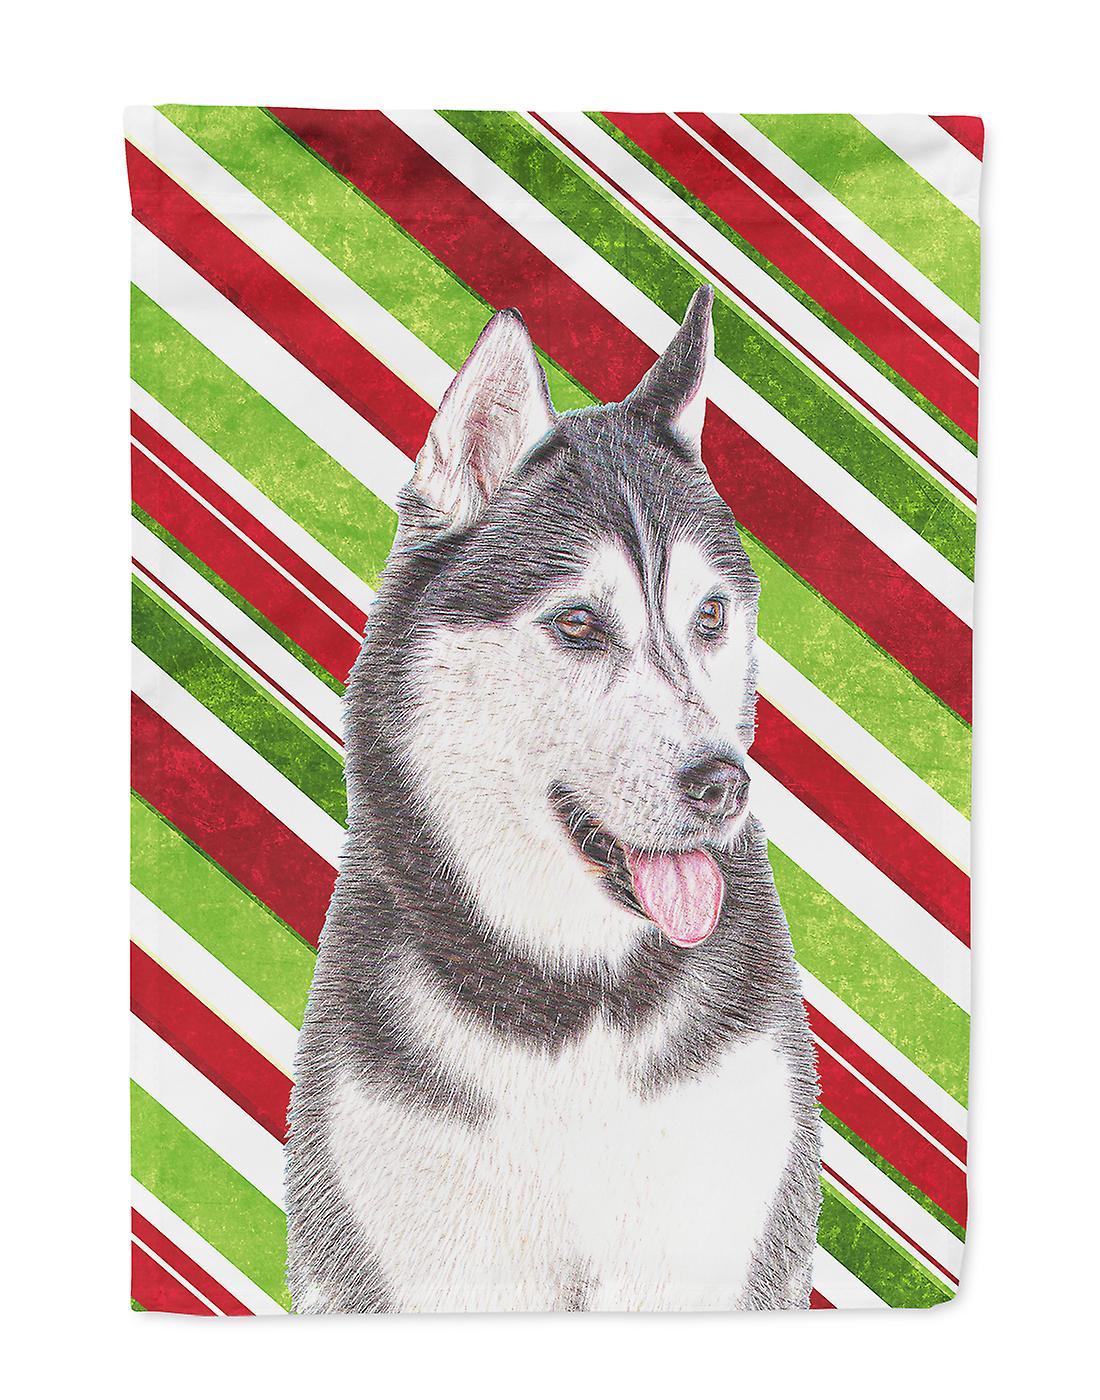 Candy Cane vacances Noël Malamute d'Alaska drapeau Taille maison du canevas